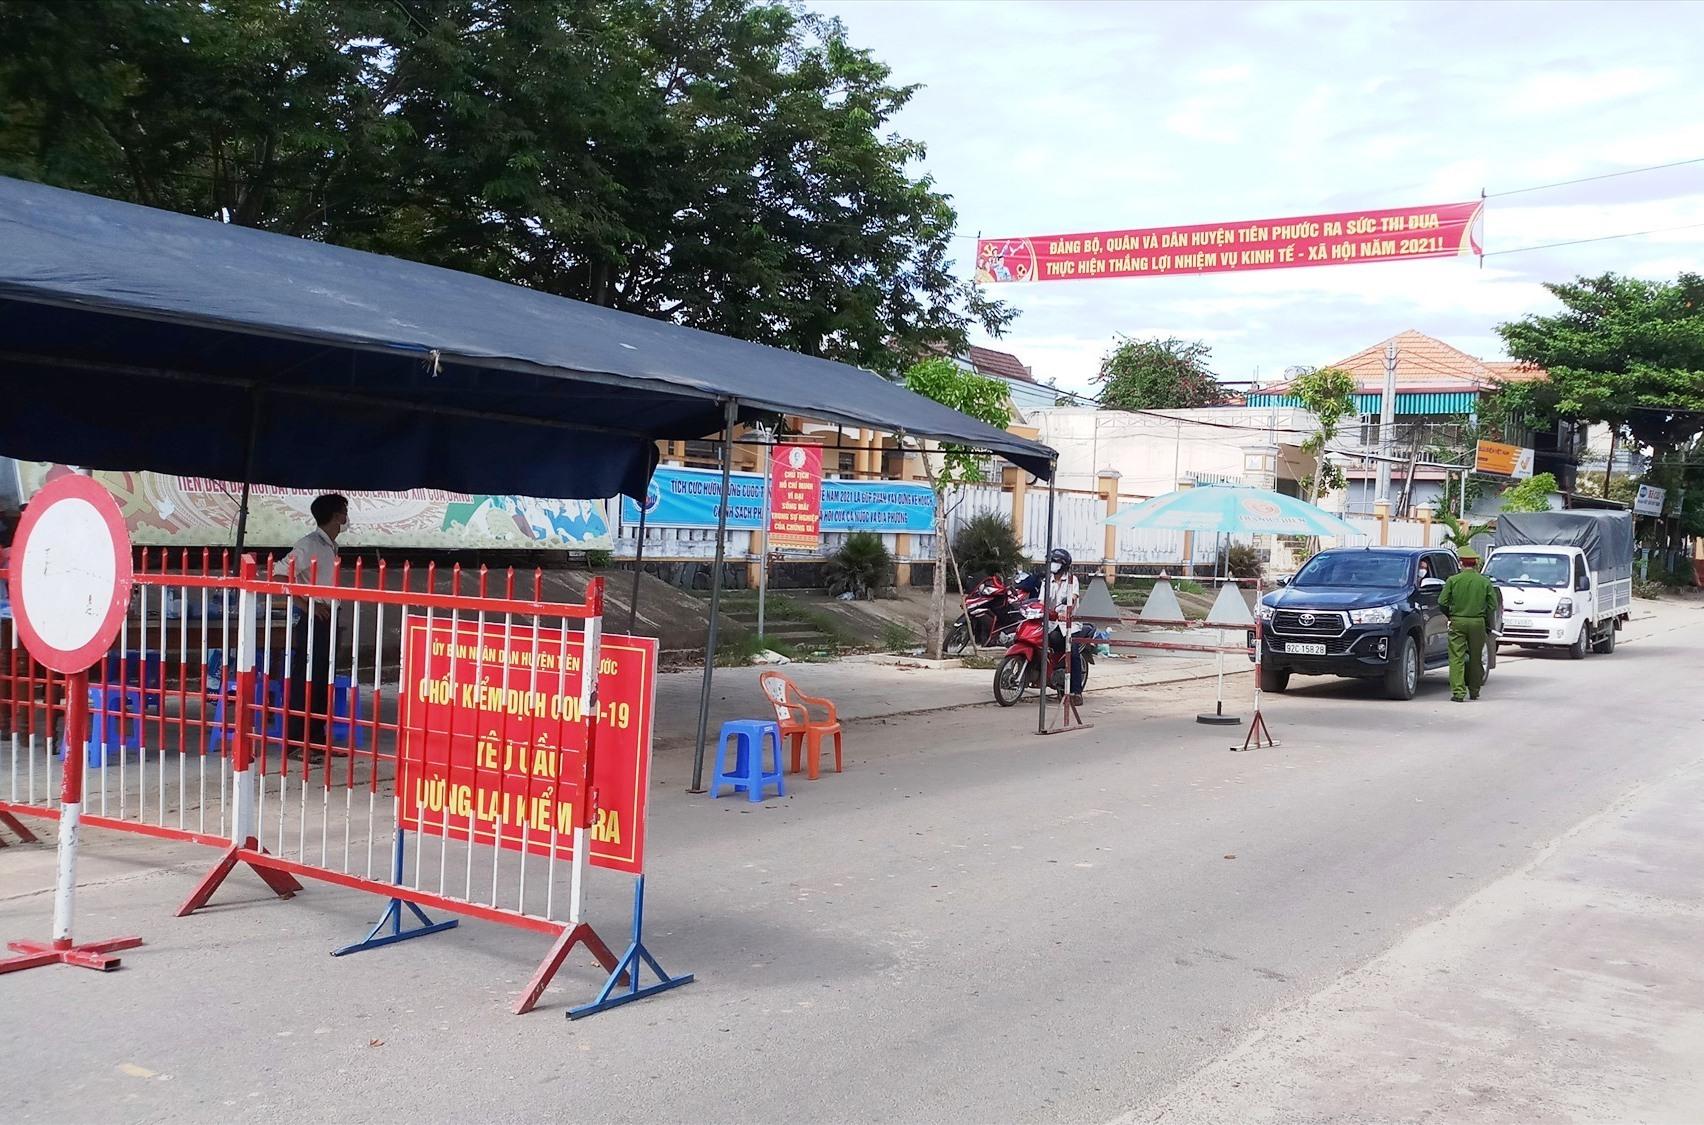 Tiên Phước kết thúc thực hiện giãn cách xã hội theo Chỉ thị 16 của Thủ tướng Chính phủ